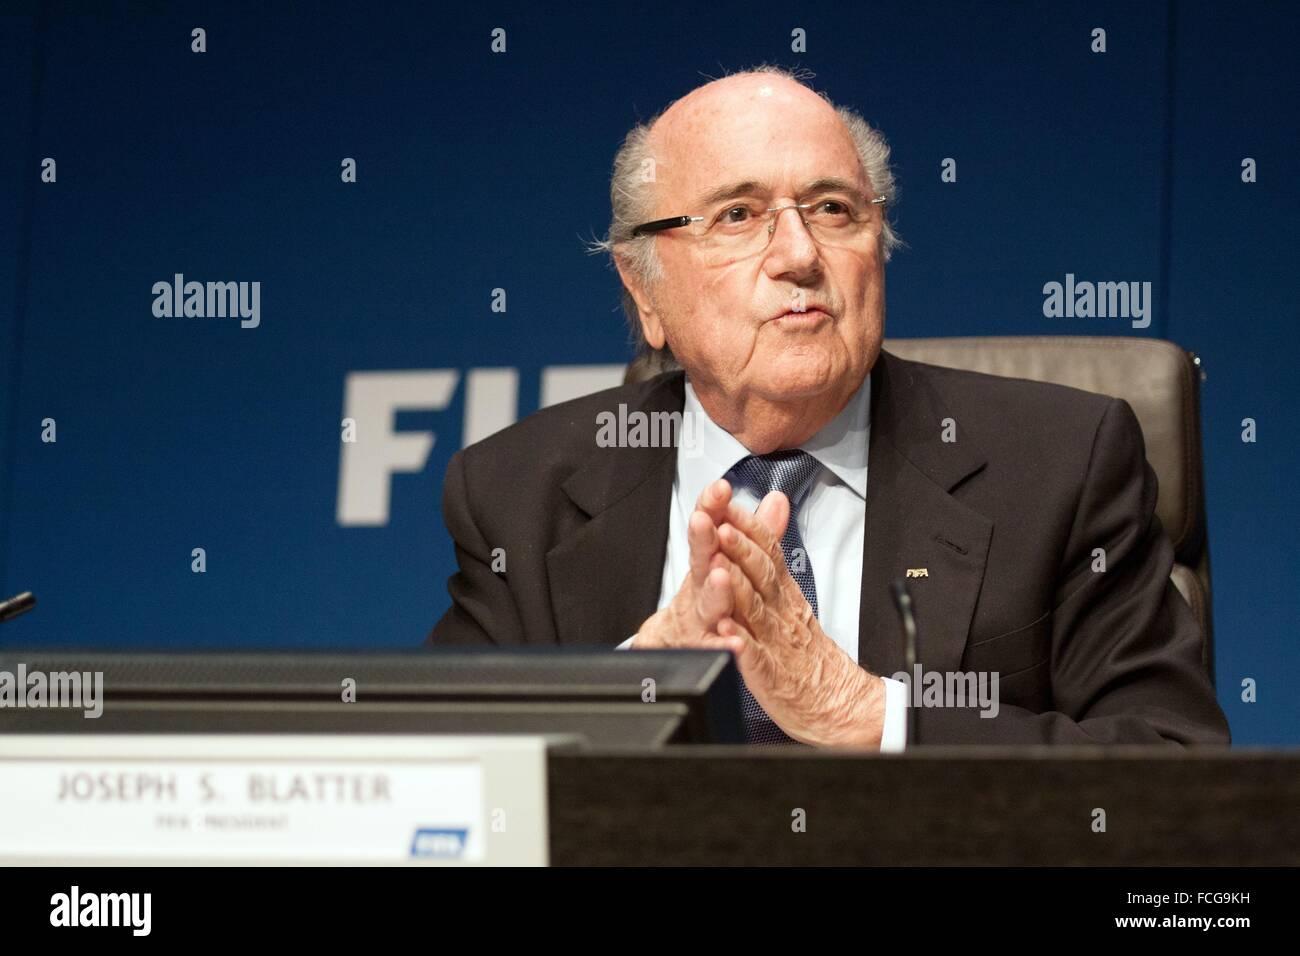 JOSEPH SEP BLATTER, FIFA PRESIDENT - Stock Image